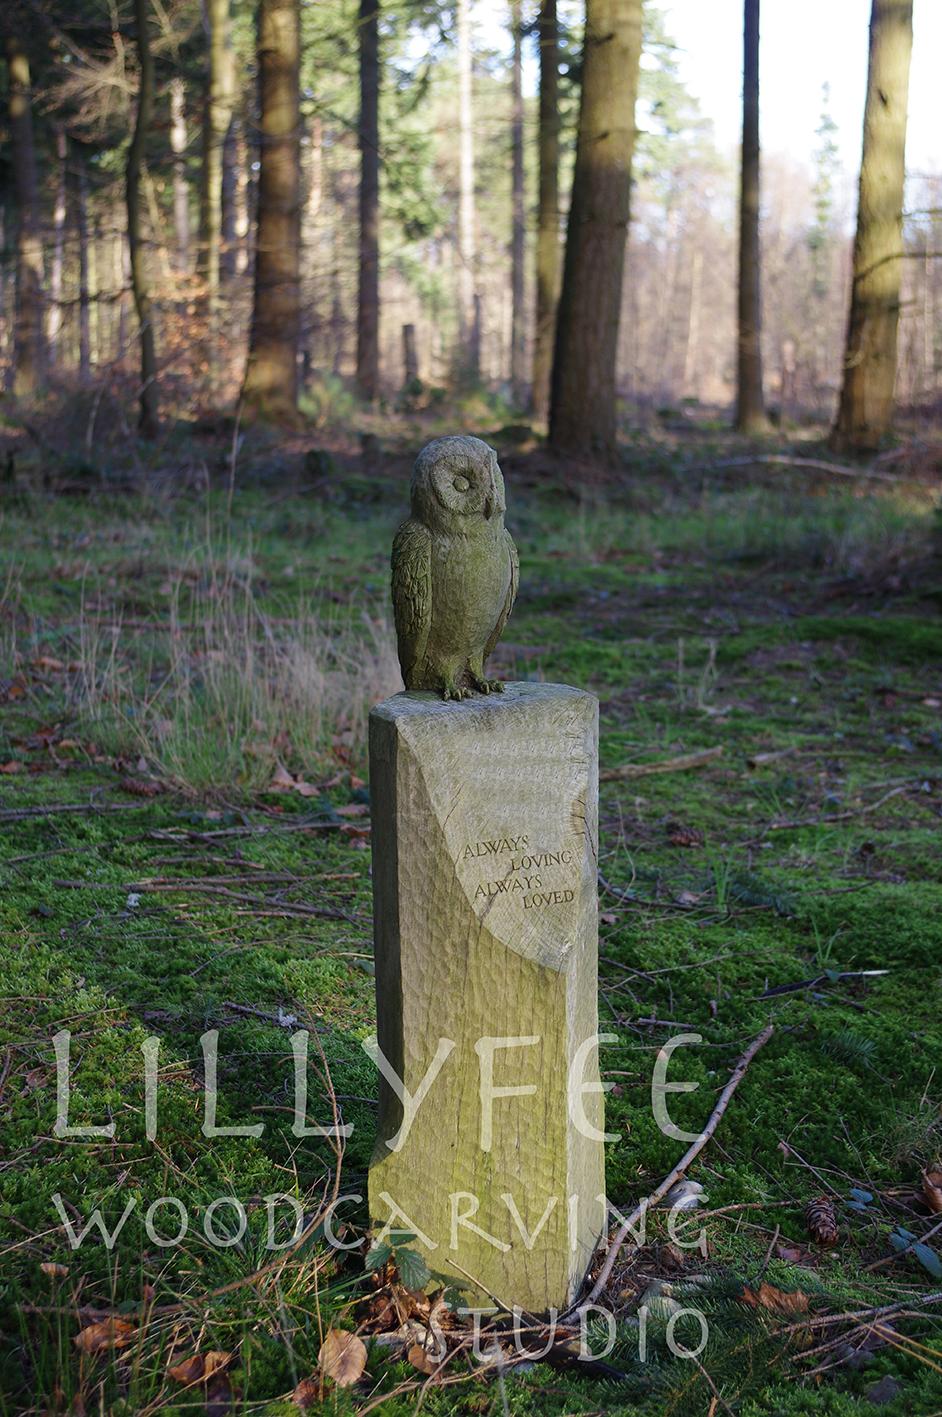 watermark owl.jpg